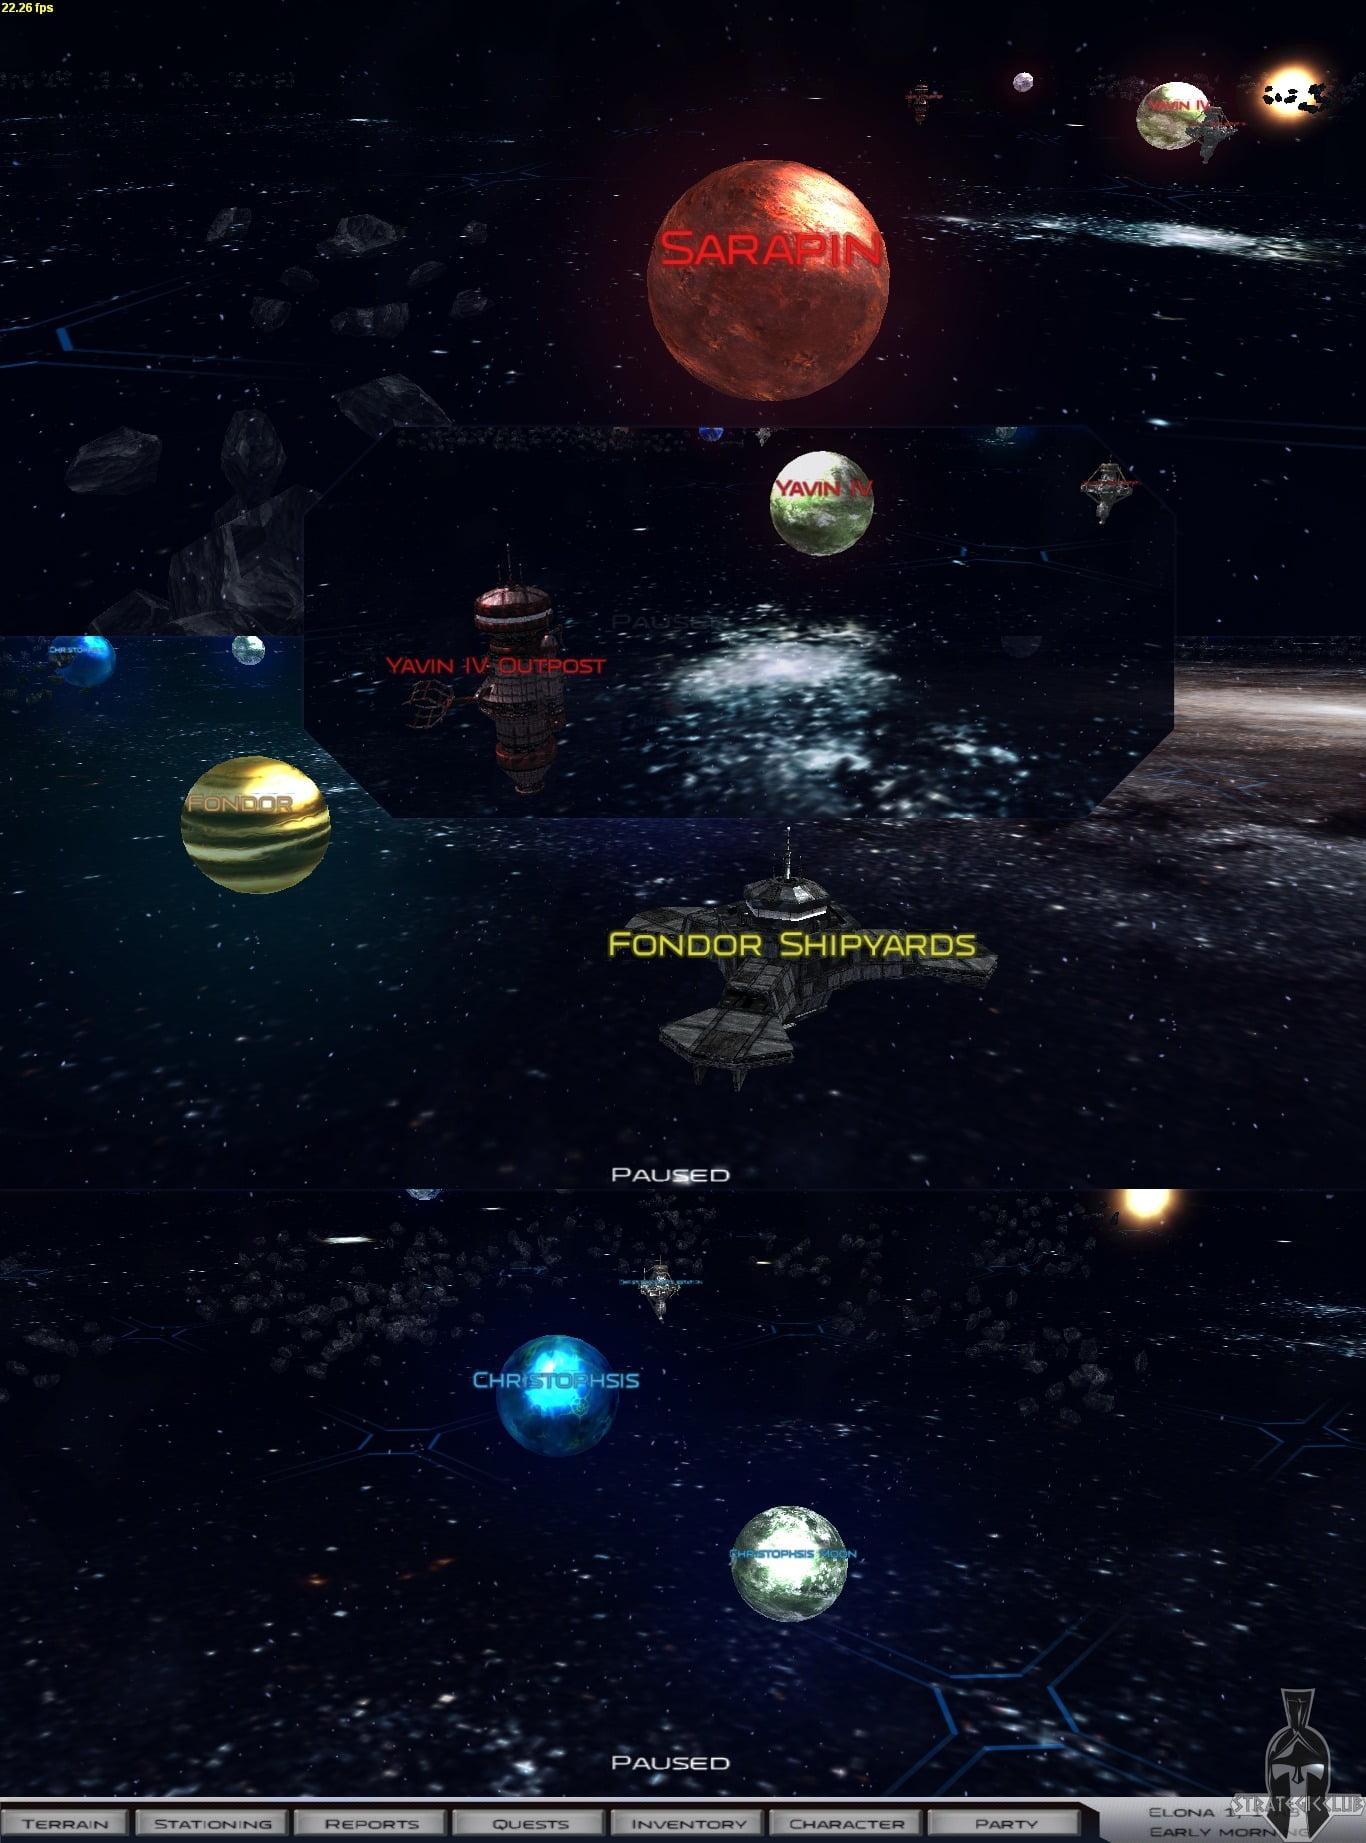 دانلود مد Star Wars Conquest برای بازی Mount & Blade: Warband